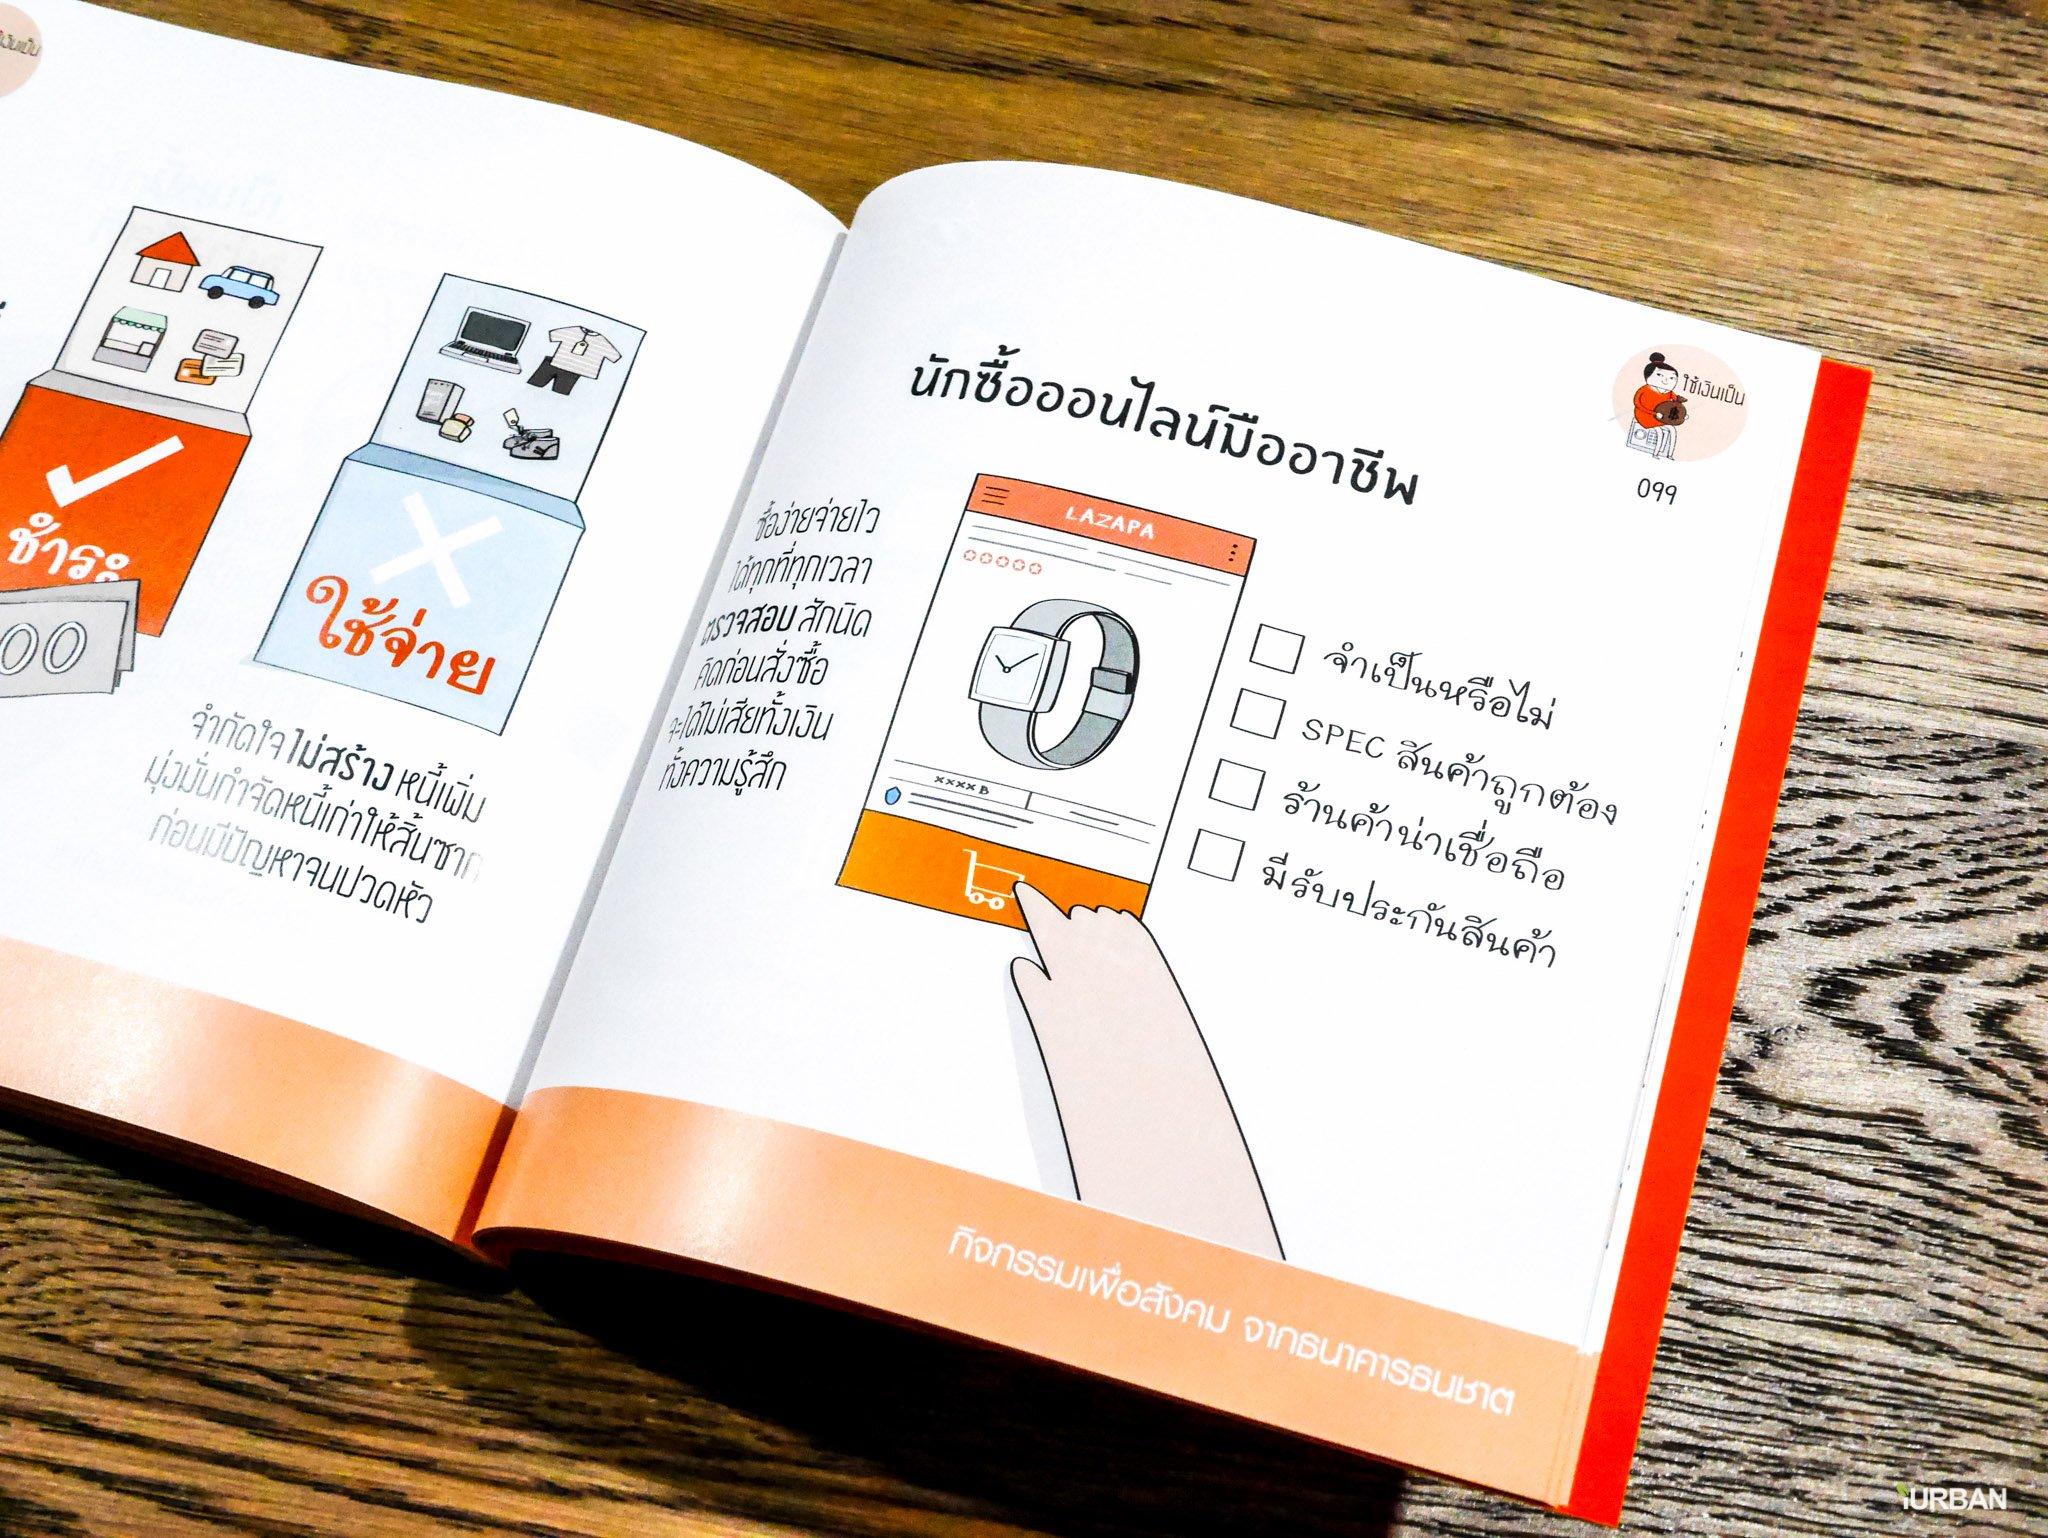 ธนชาต ReThink แนะคนฉุกคิดก่อนใช้เงิน และแจก E-Book ฟรี 34 - finance